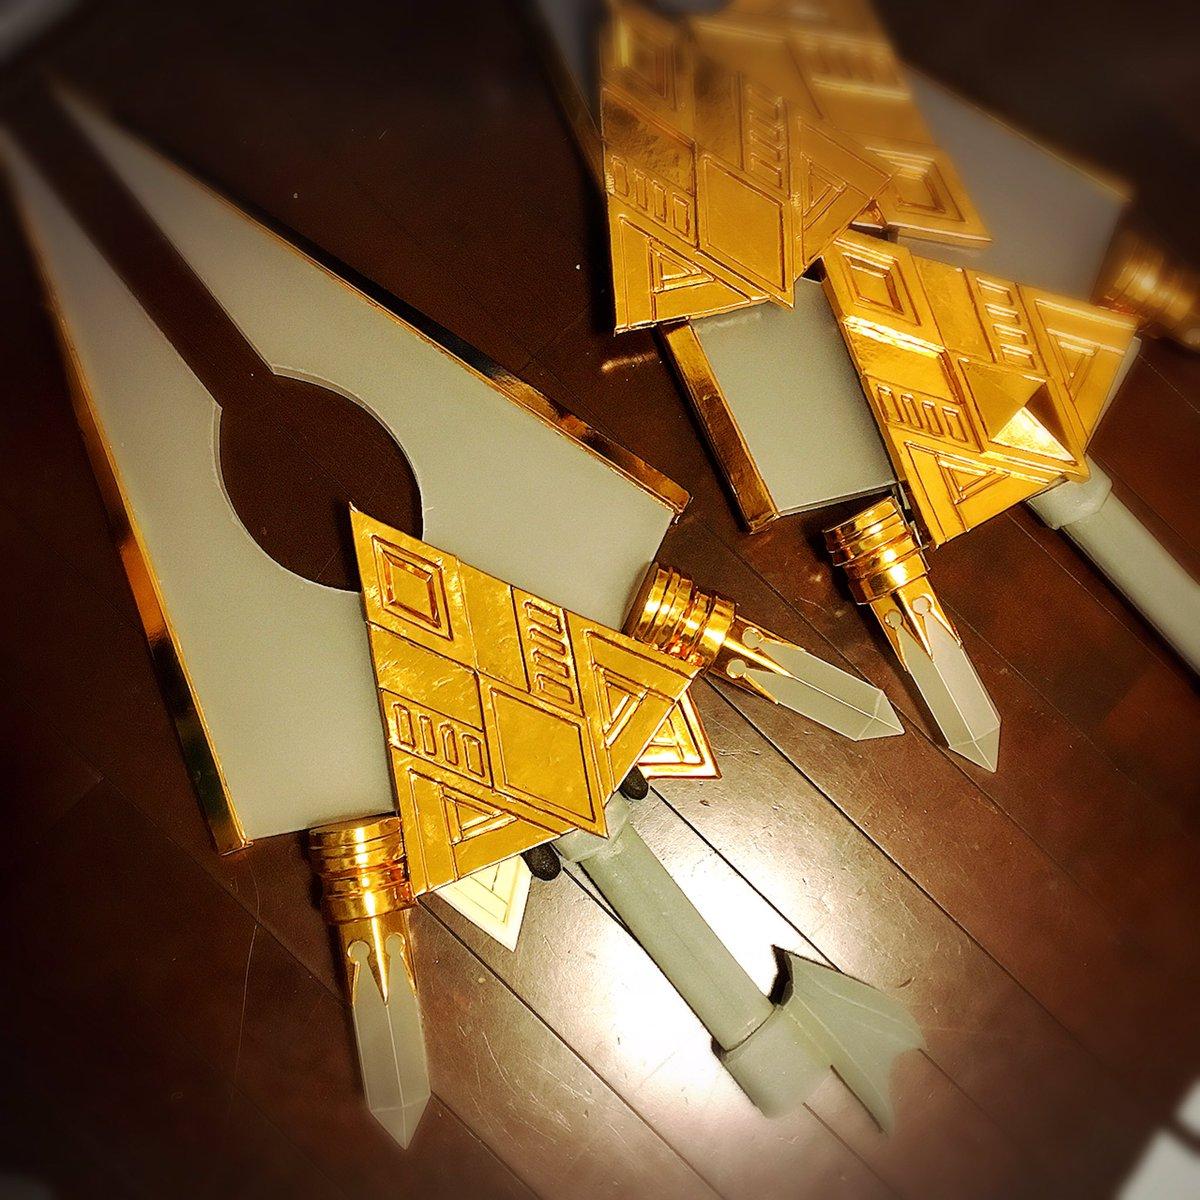 ワンフェス二番勝負はまだここ…(´༎ຶ༎ຶ) カトルの武器は思ってたより装飾がたくさんあってフヒッってなる( ´=ิ◞